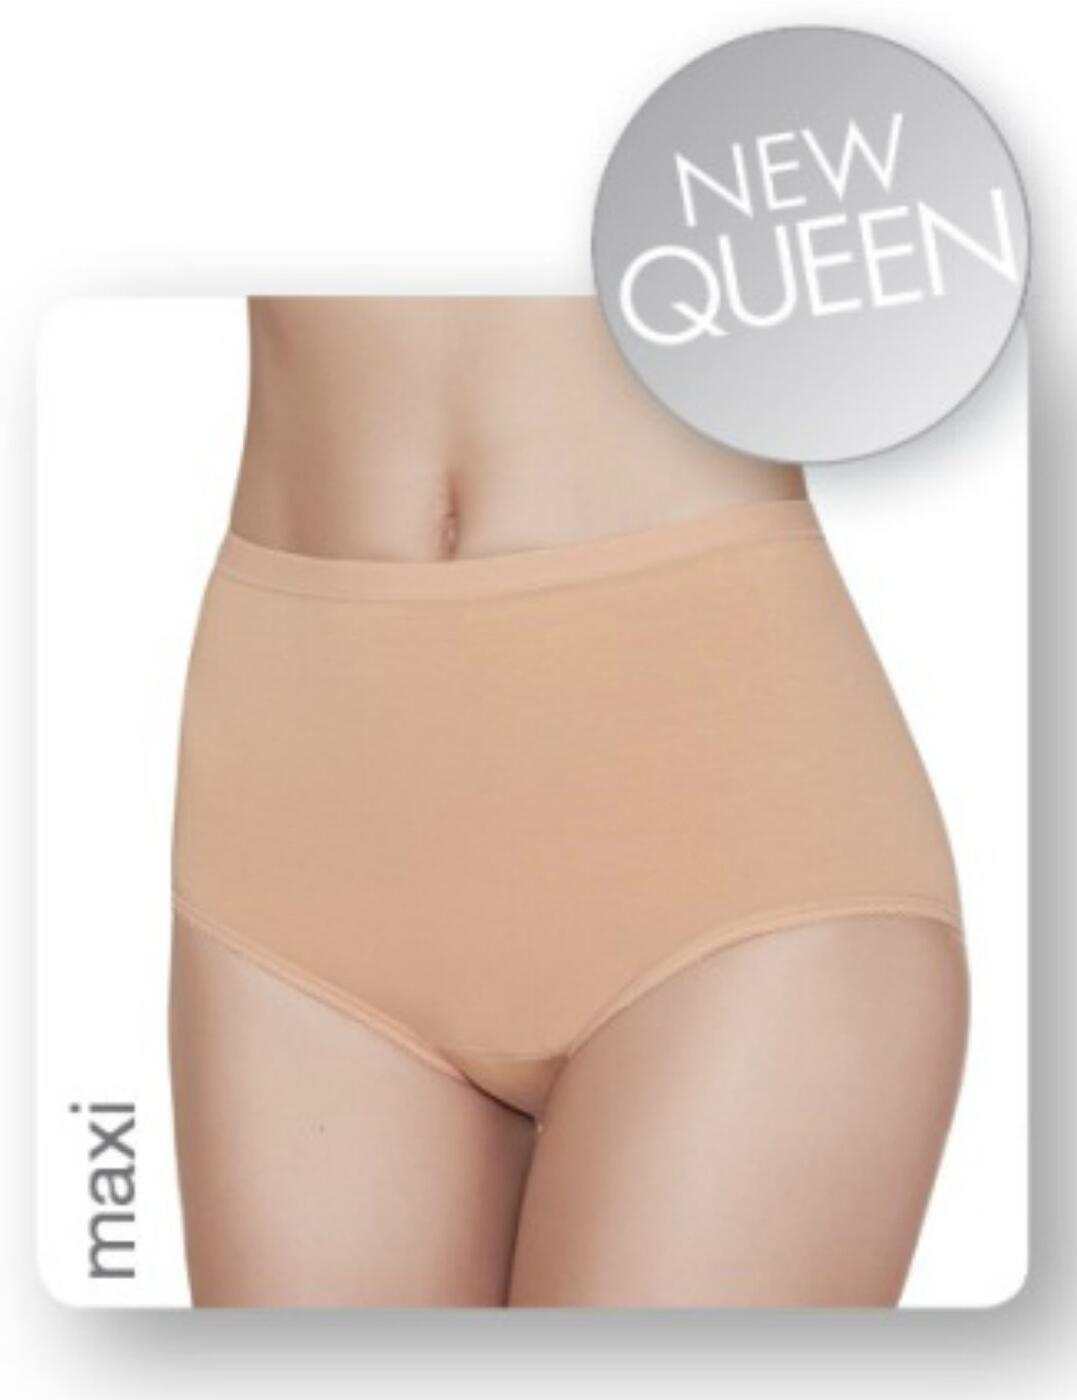 1031643 Janira Essential Maxi Queen Brief (2 Pack) - 1031643 Dune